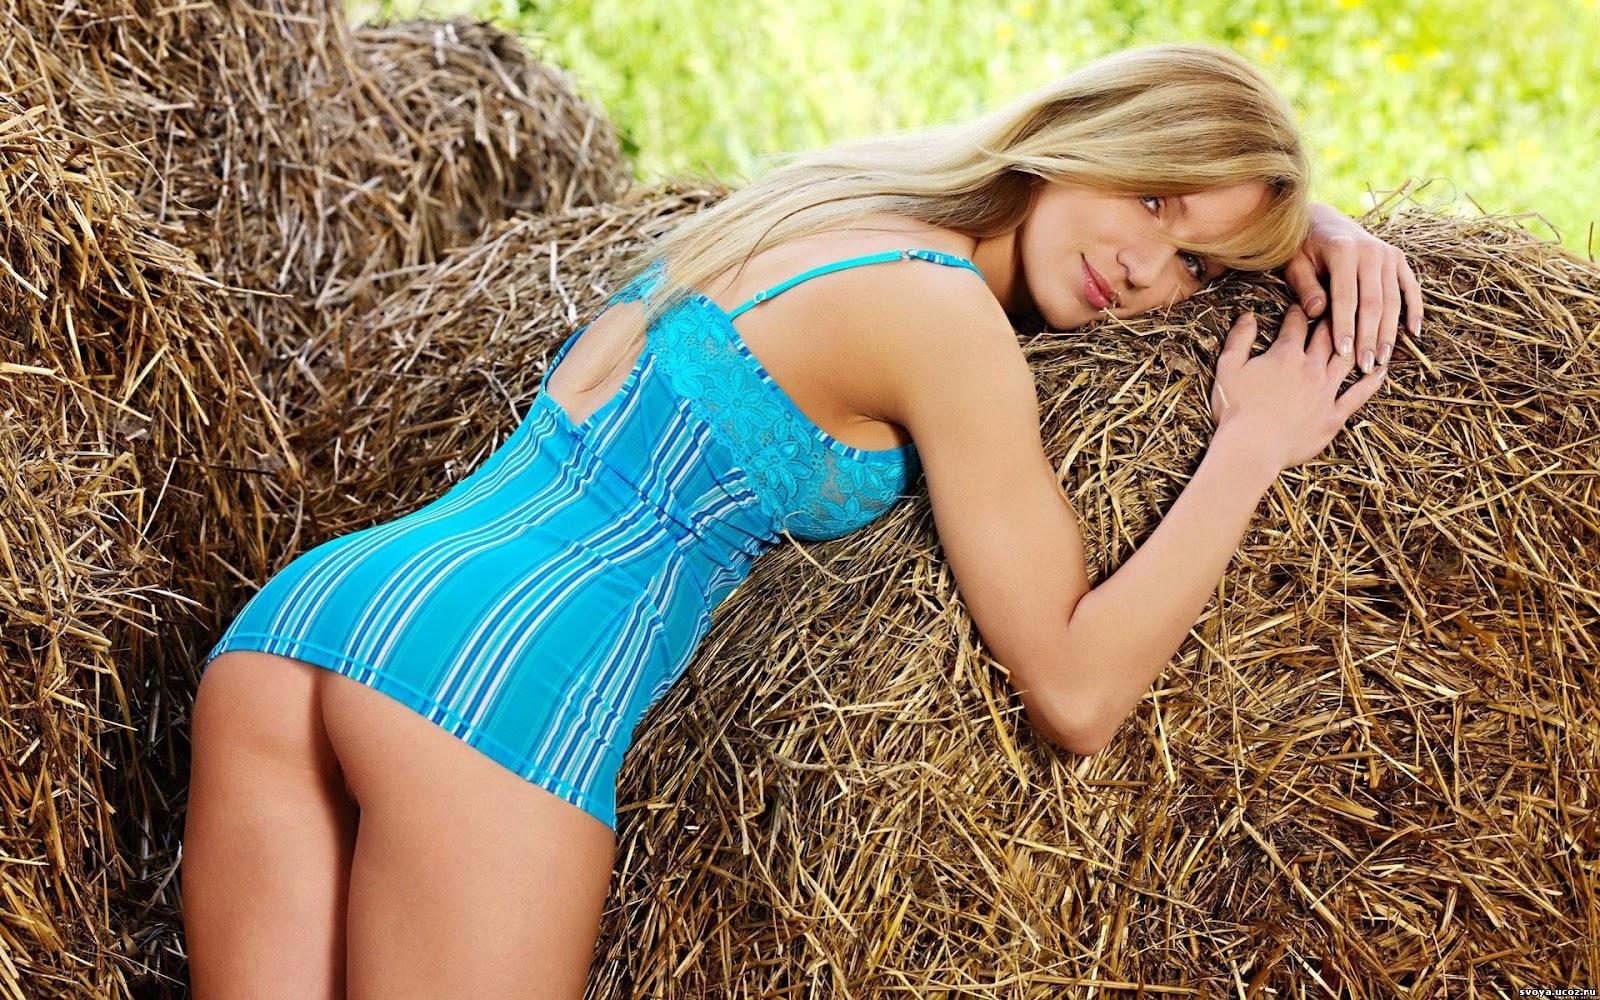 Секс в юбке на сеновале фото 6 фотография